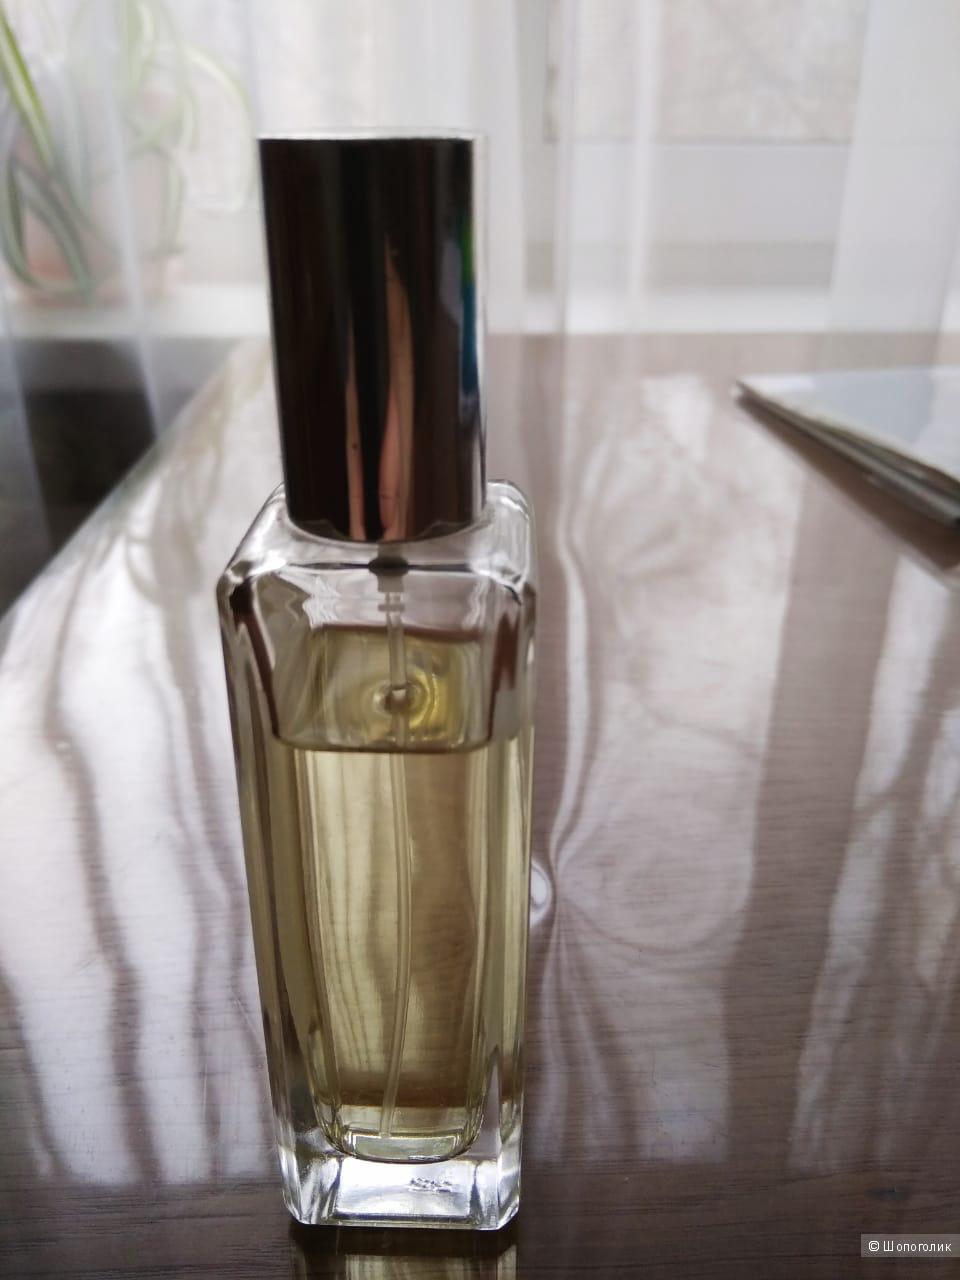 Одеколон Joo Malone Lime Basil & Mandarin, 30 ml, женский аромат